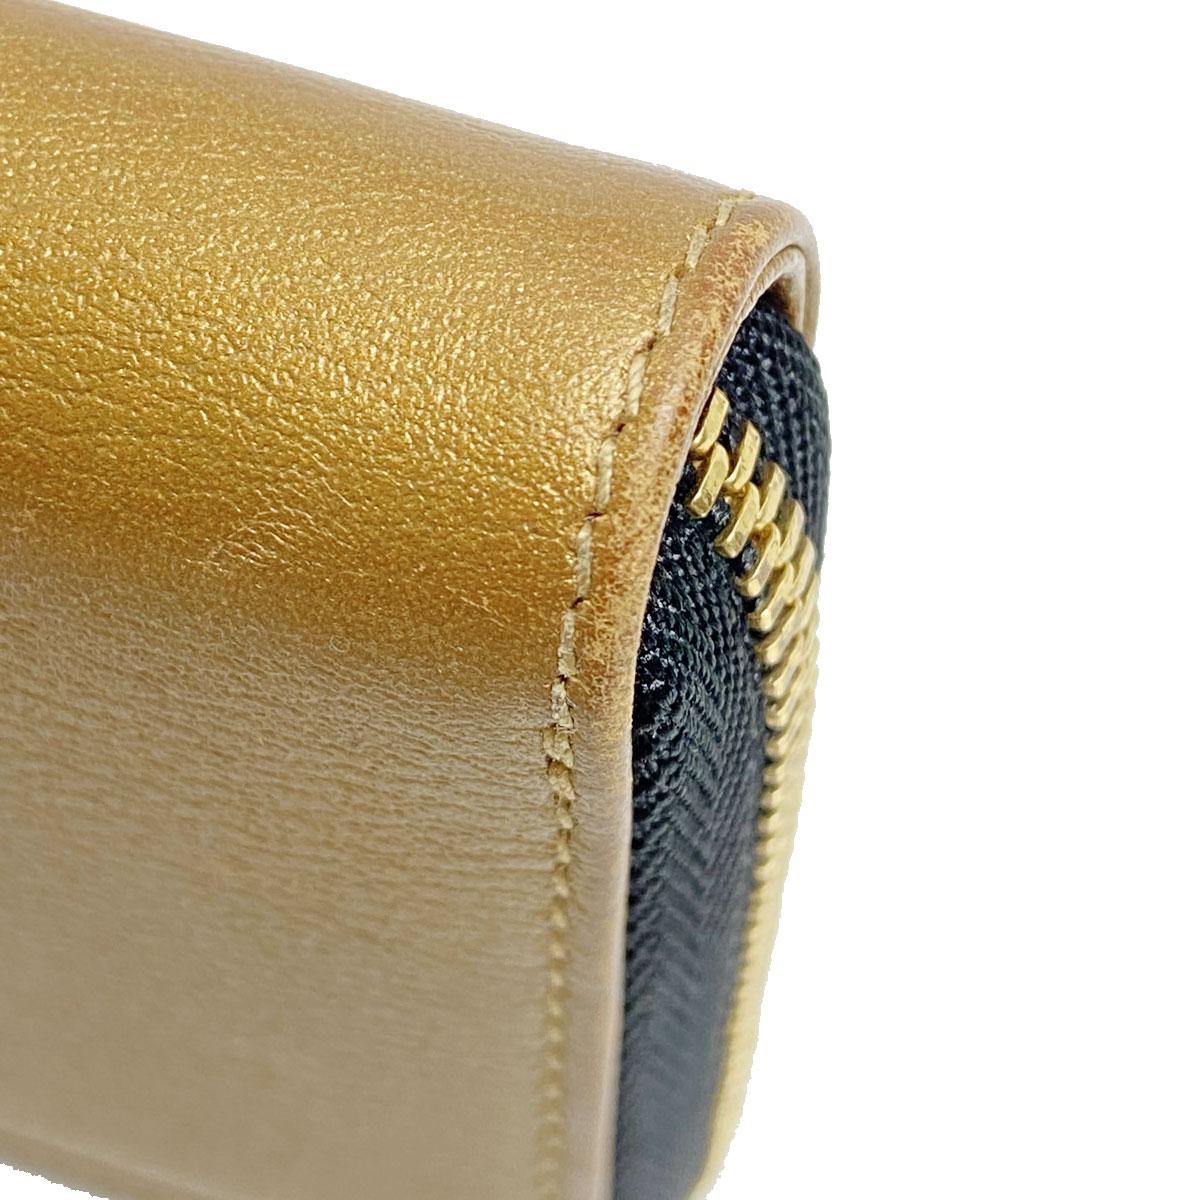 LOEWE ロエベ ラウンドファスナー コインケース アナグラムボタン レザー ゴールド ブラック